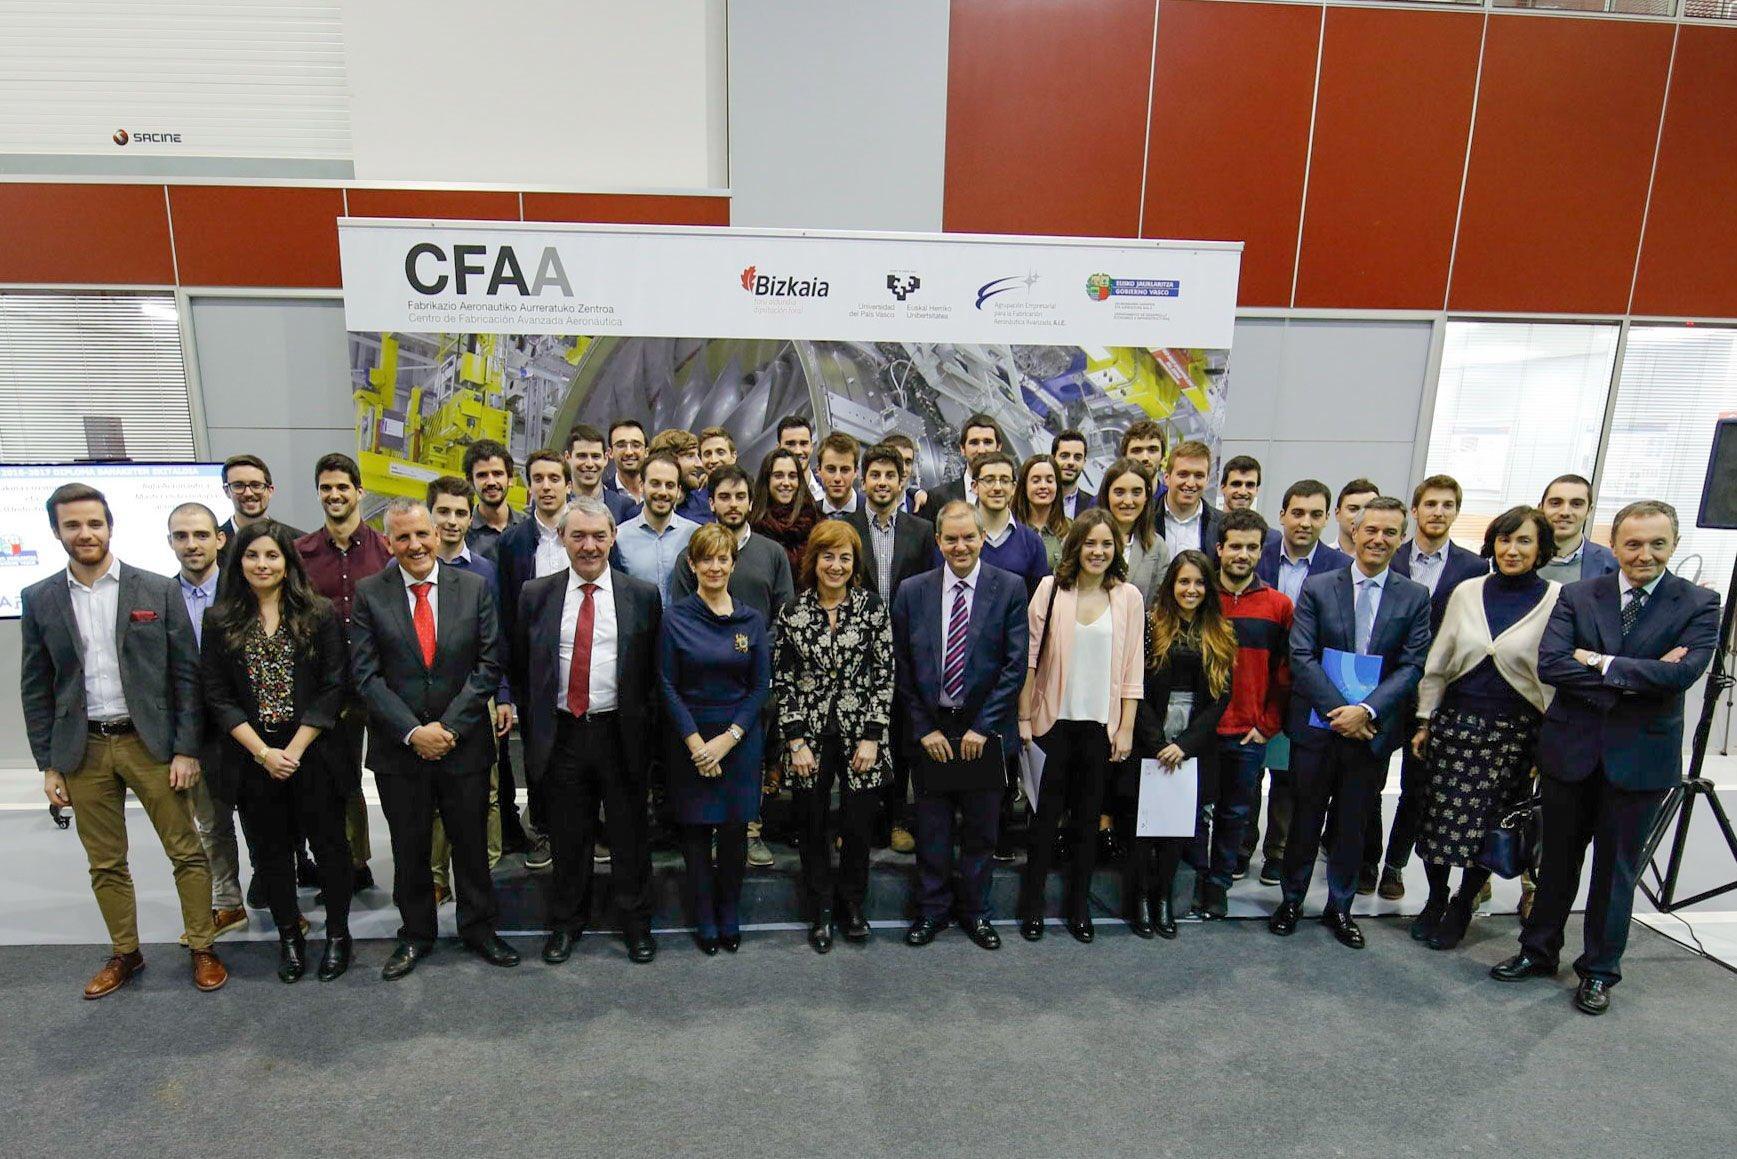 40 jóvenes talentos especializados en máquina-herramienta y aeronáutica reciben sus diplomas en el CFAA